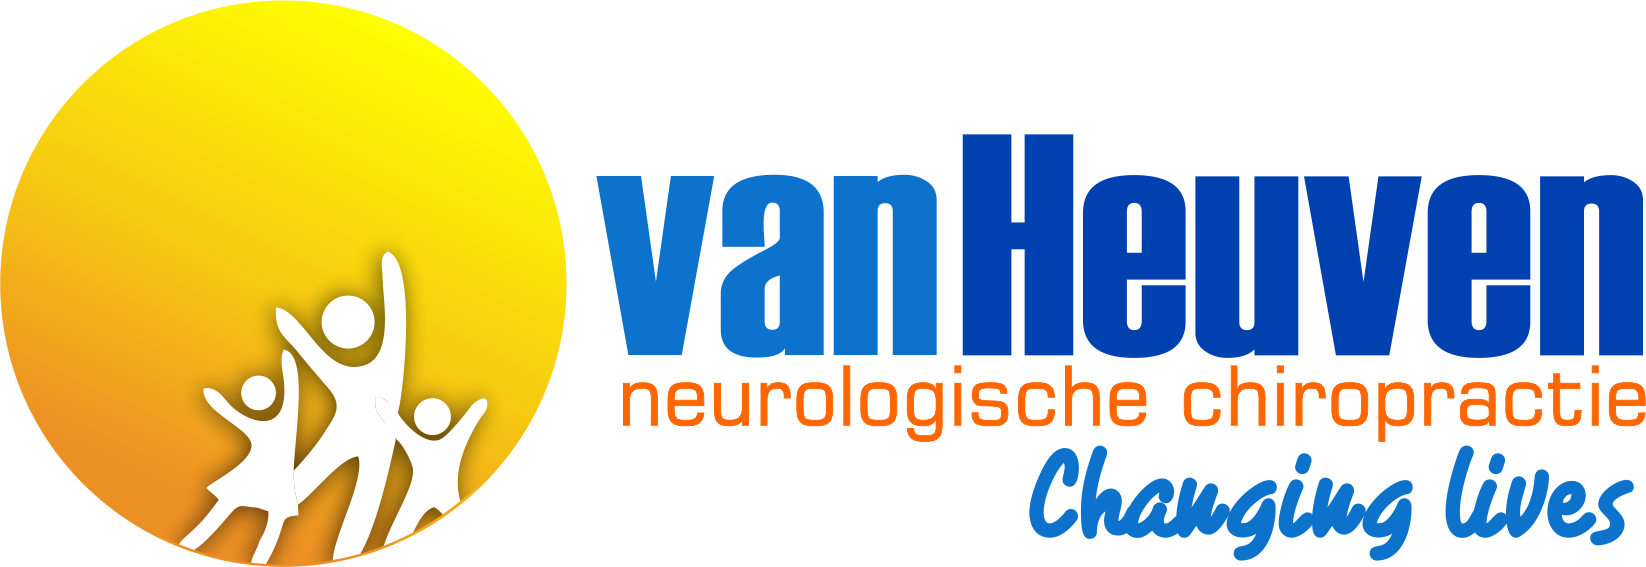 Chiropractiepraktijk Van Heuven